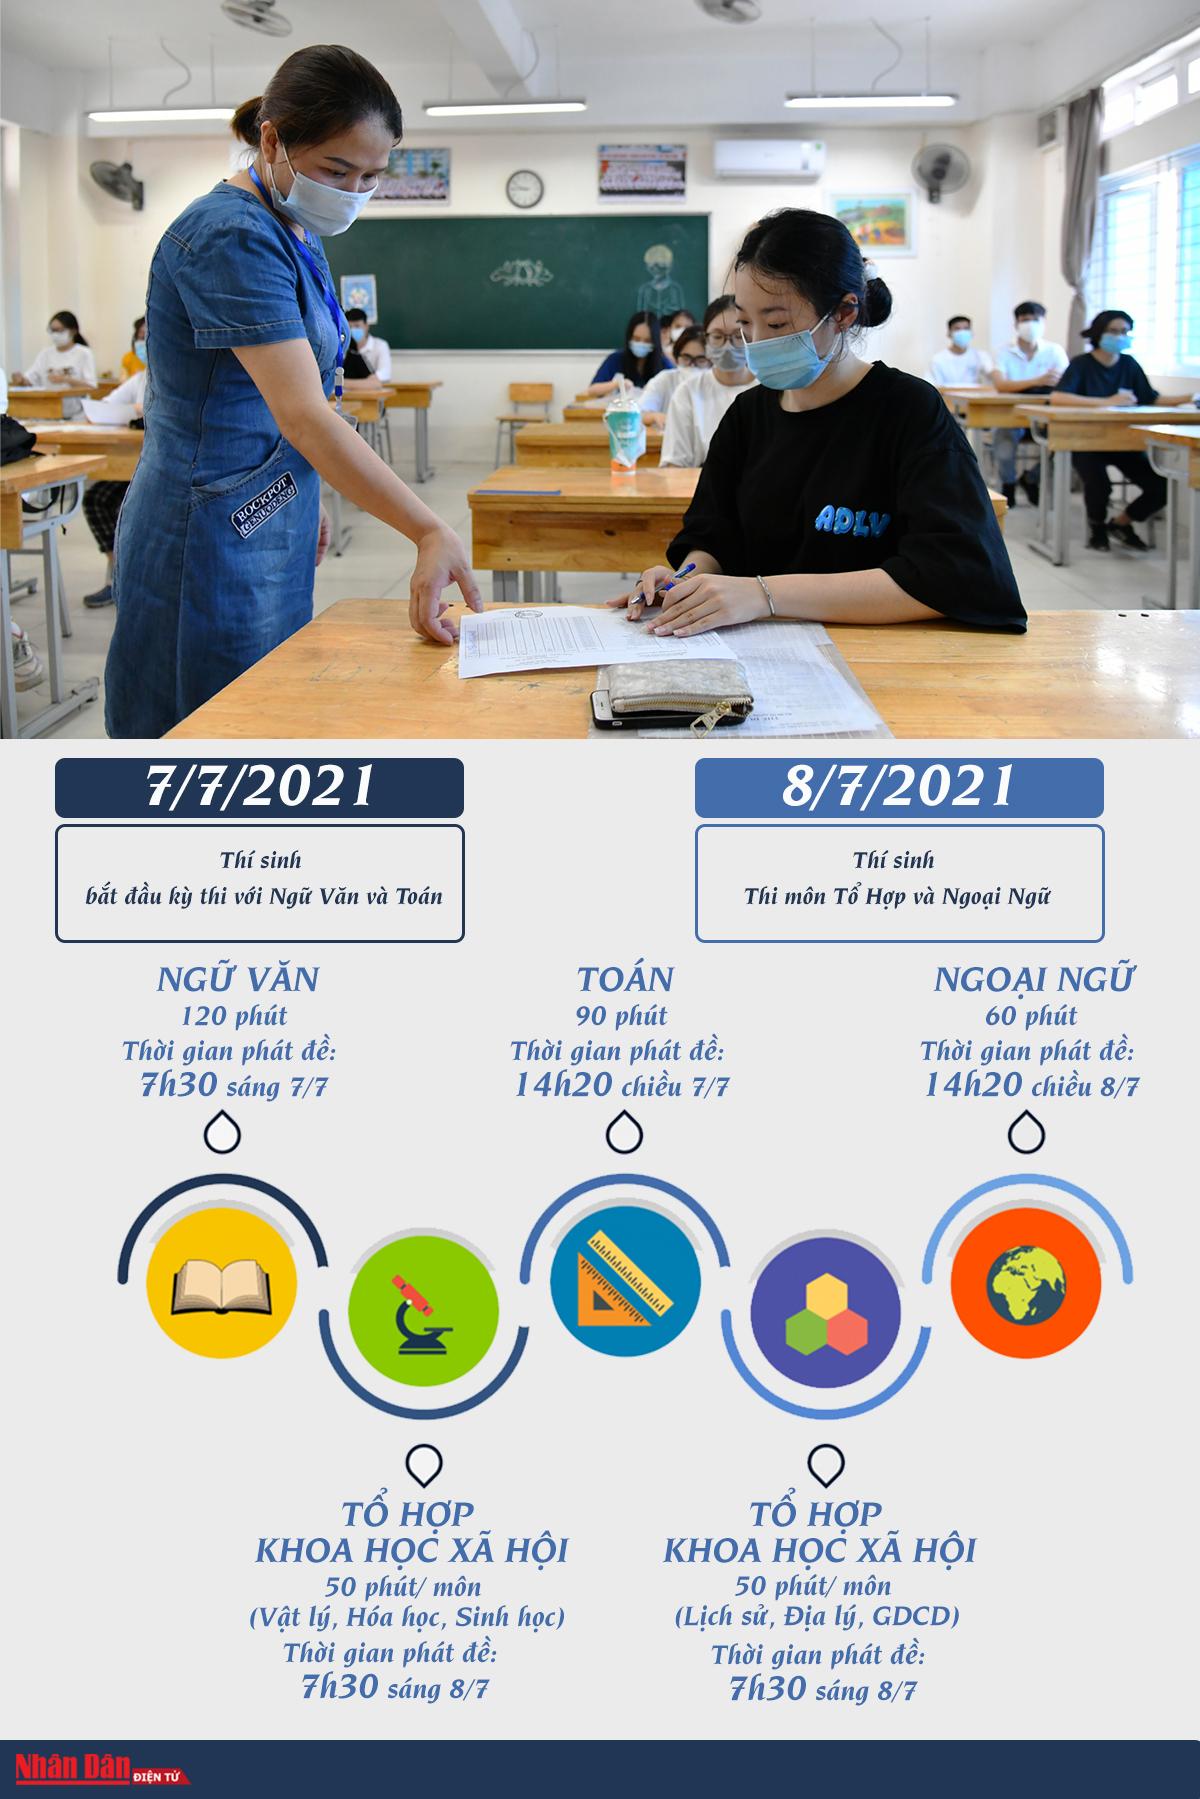 Lịch chính thức, chi tiết kỳ thi tốt nghiệp THPT năm 2021 -0